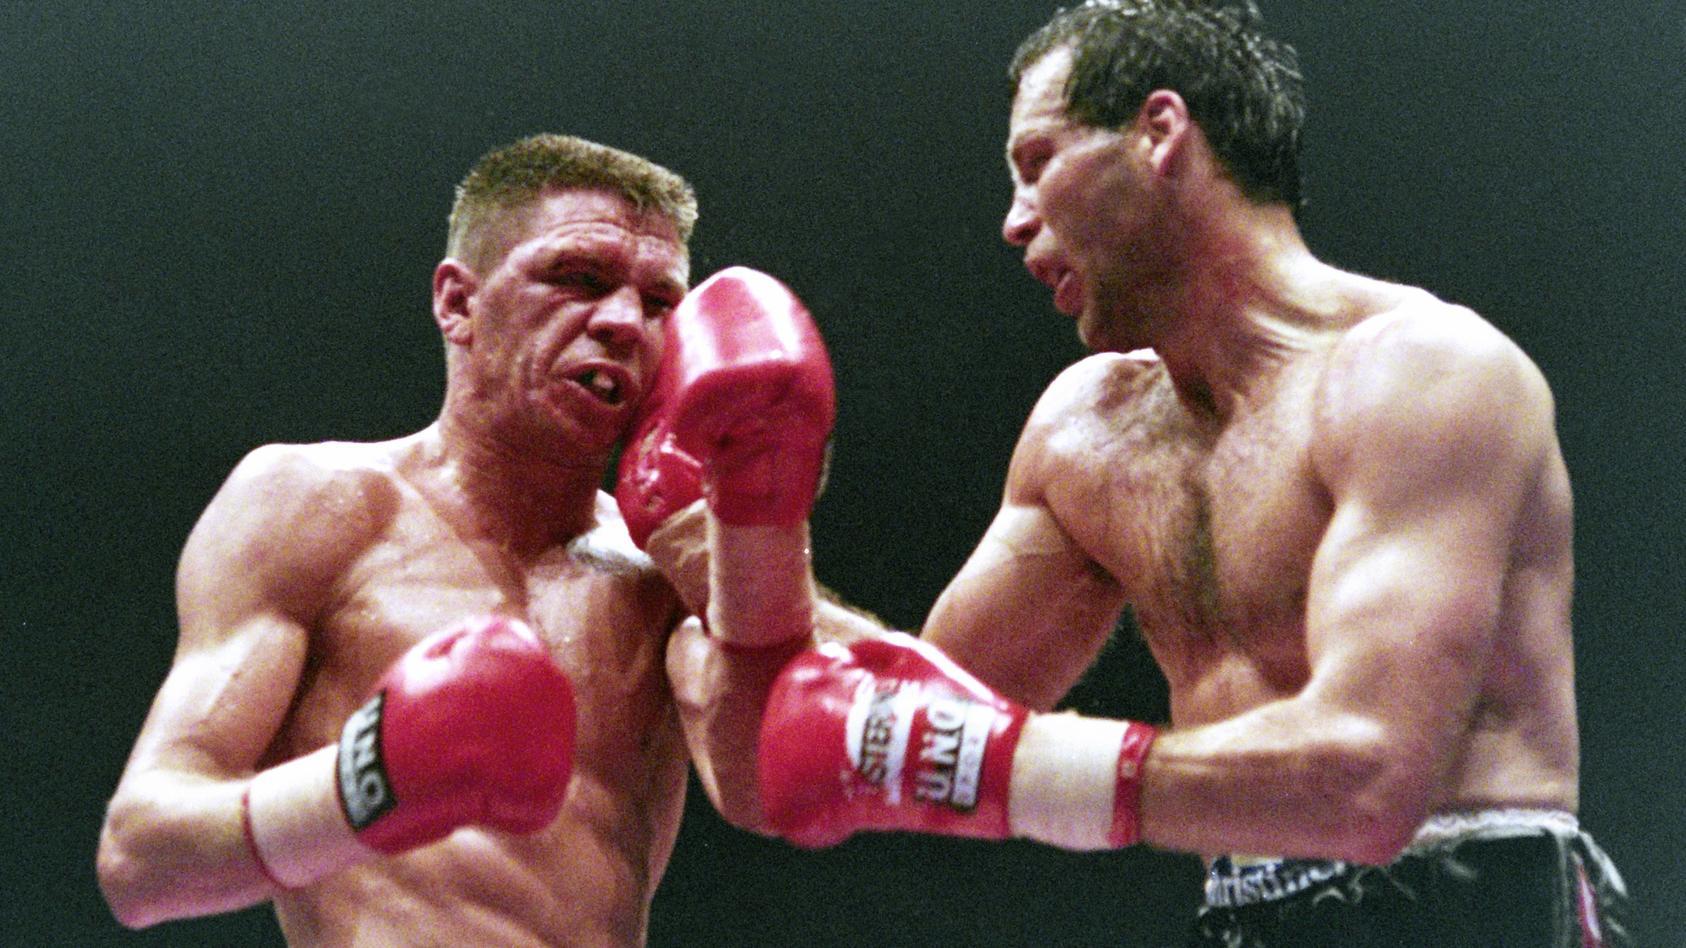 ROCCHIGIANI Graciano gegen MASKE Henry Profiboxen WM Kampf 1995 in der Westfalenhalle zwischen Henry